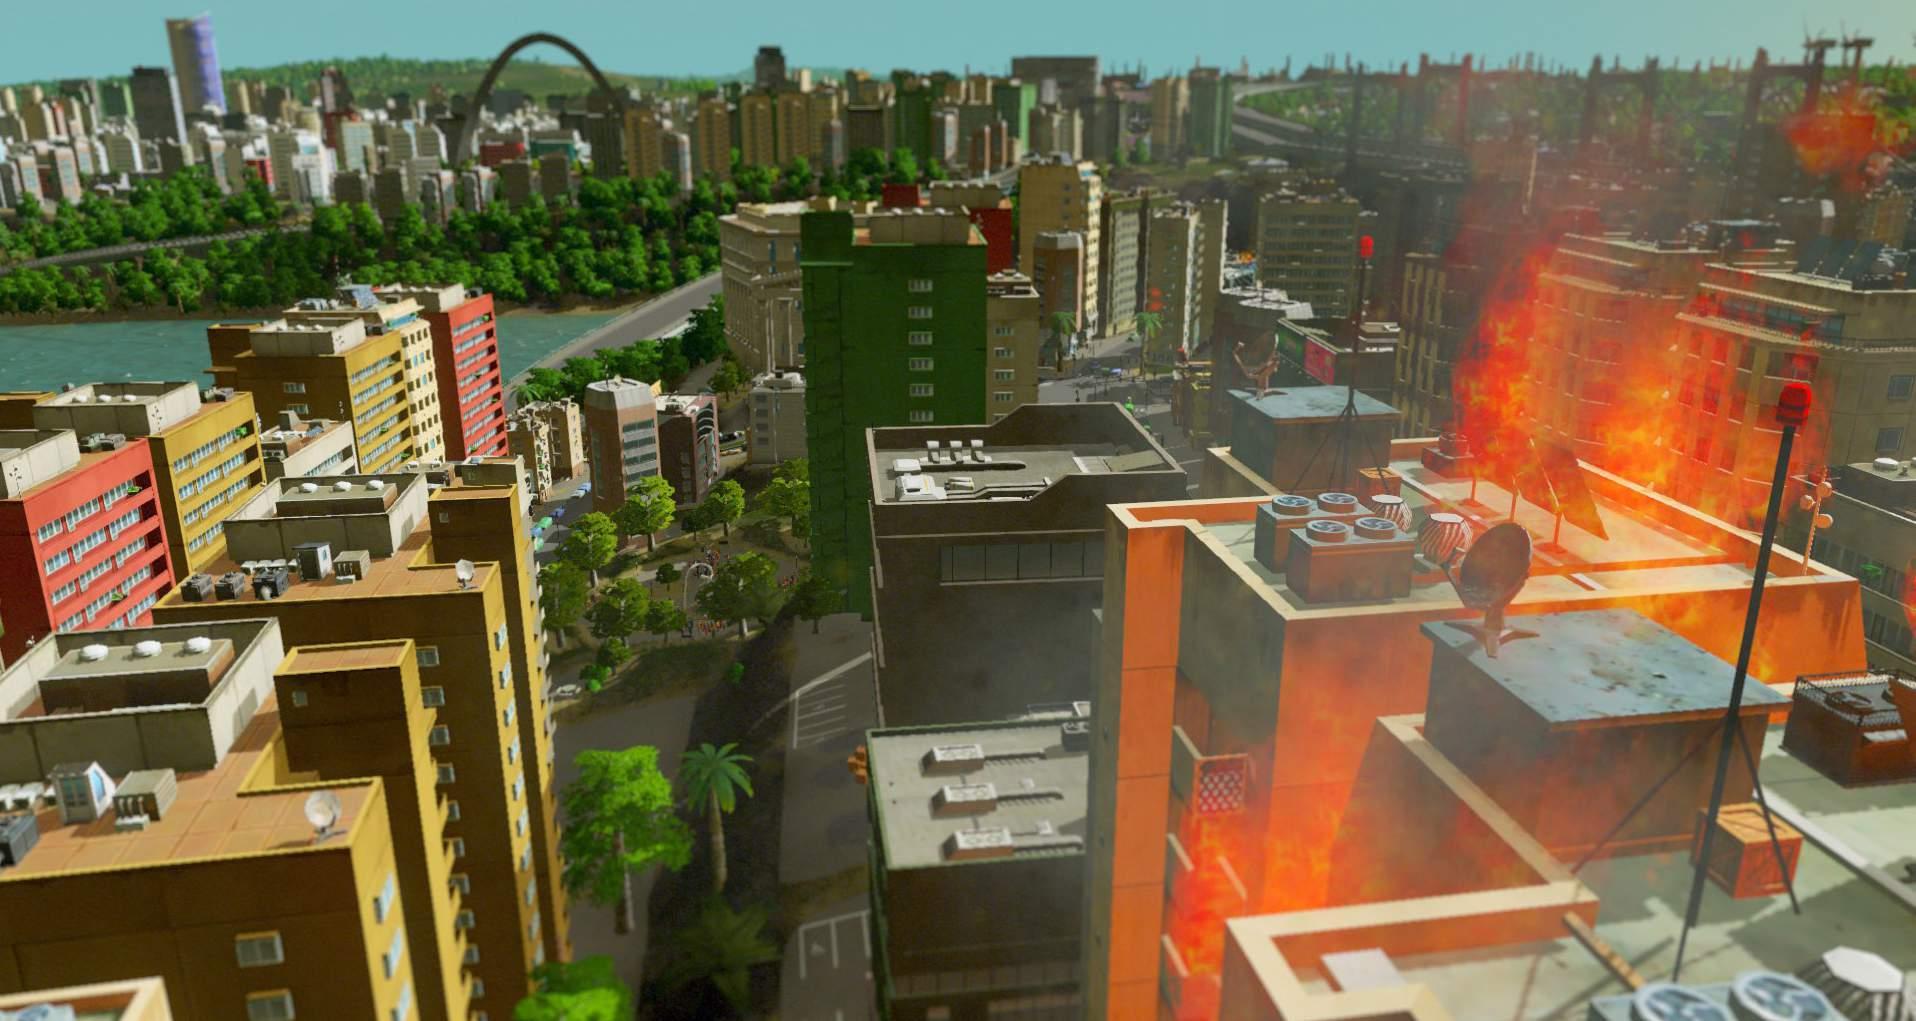 16 - Cities: Skylines